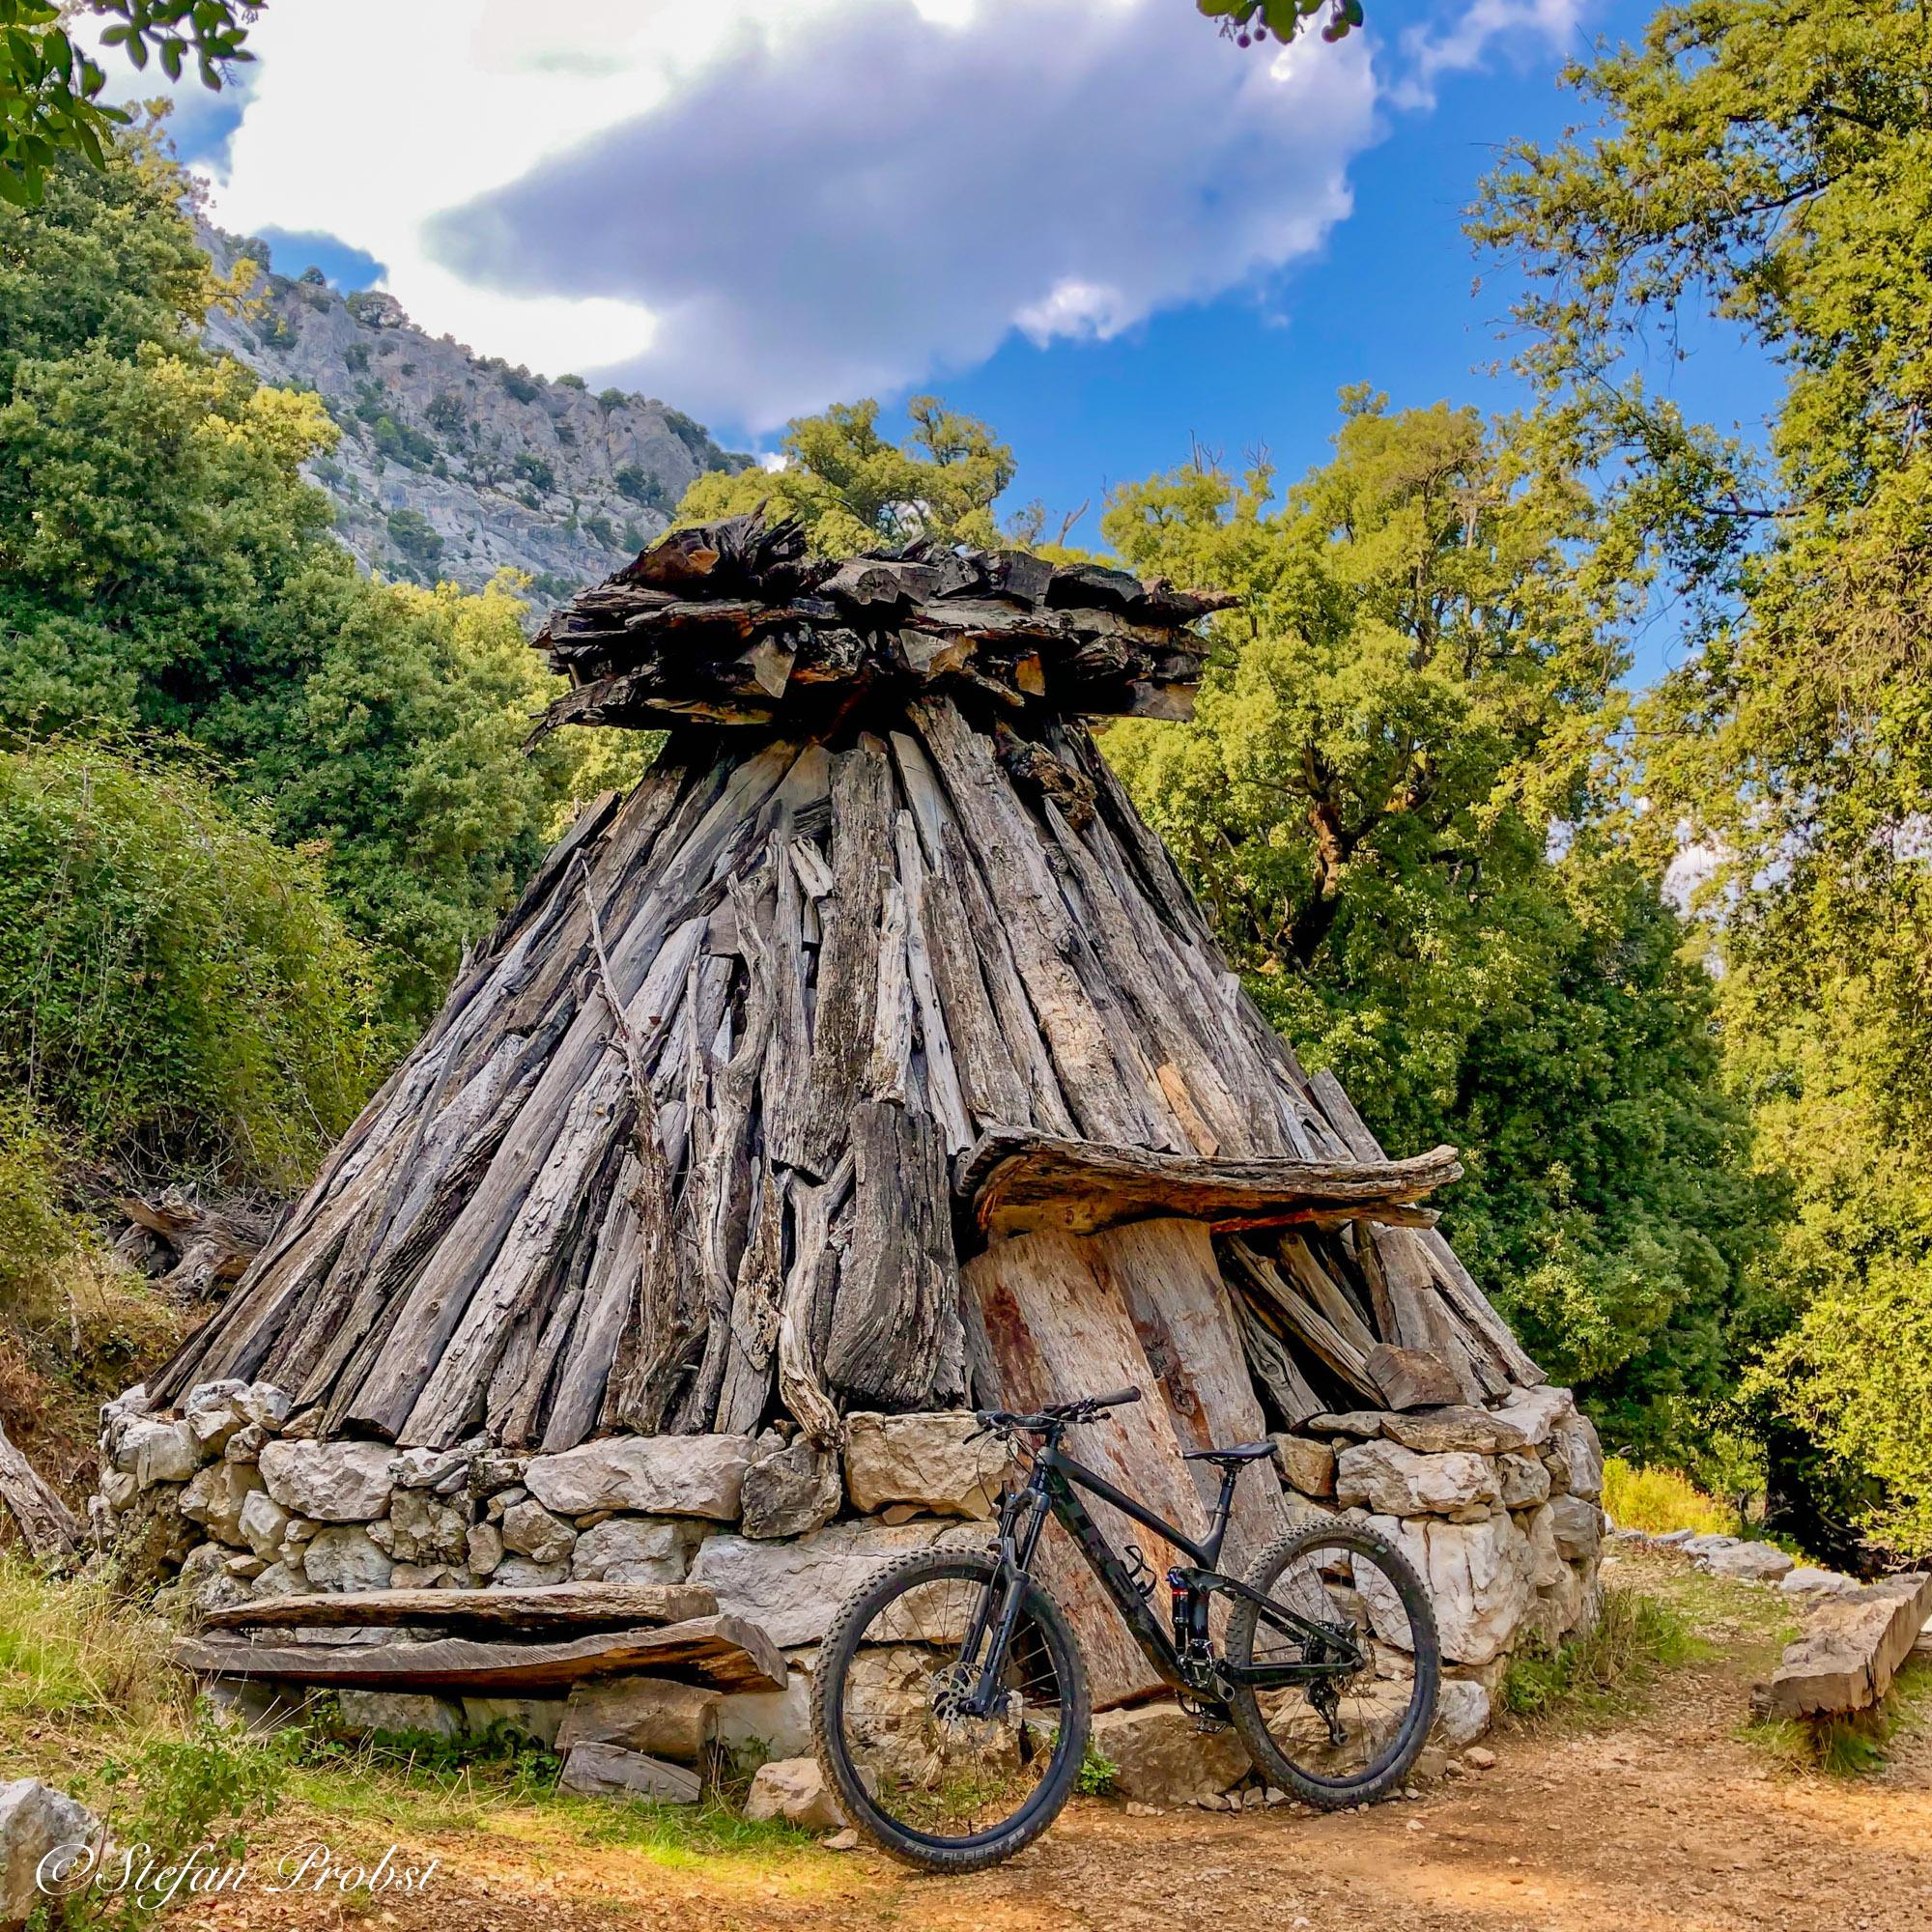 Mountainbiken auf Sardinien - Nuraghe auf dem Weg zur Gorrupo Schlucht